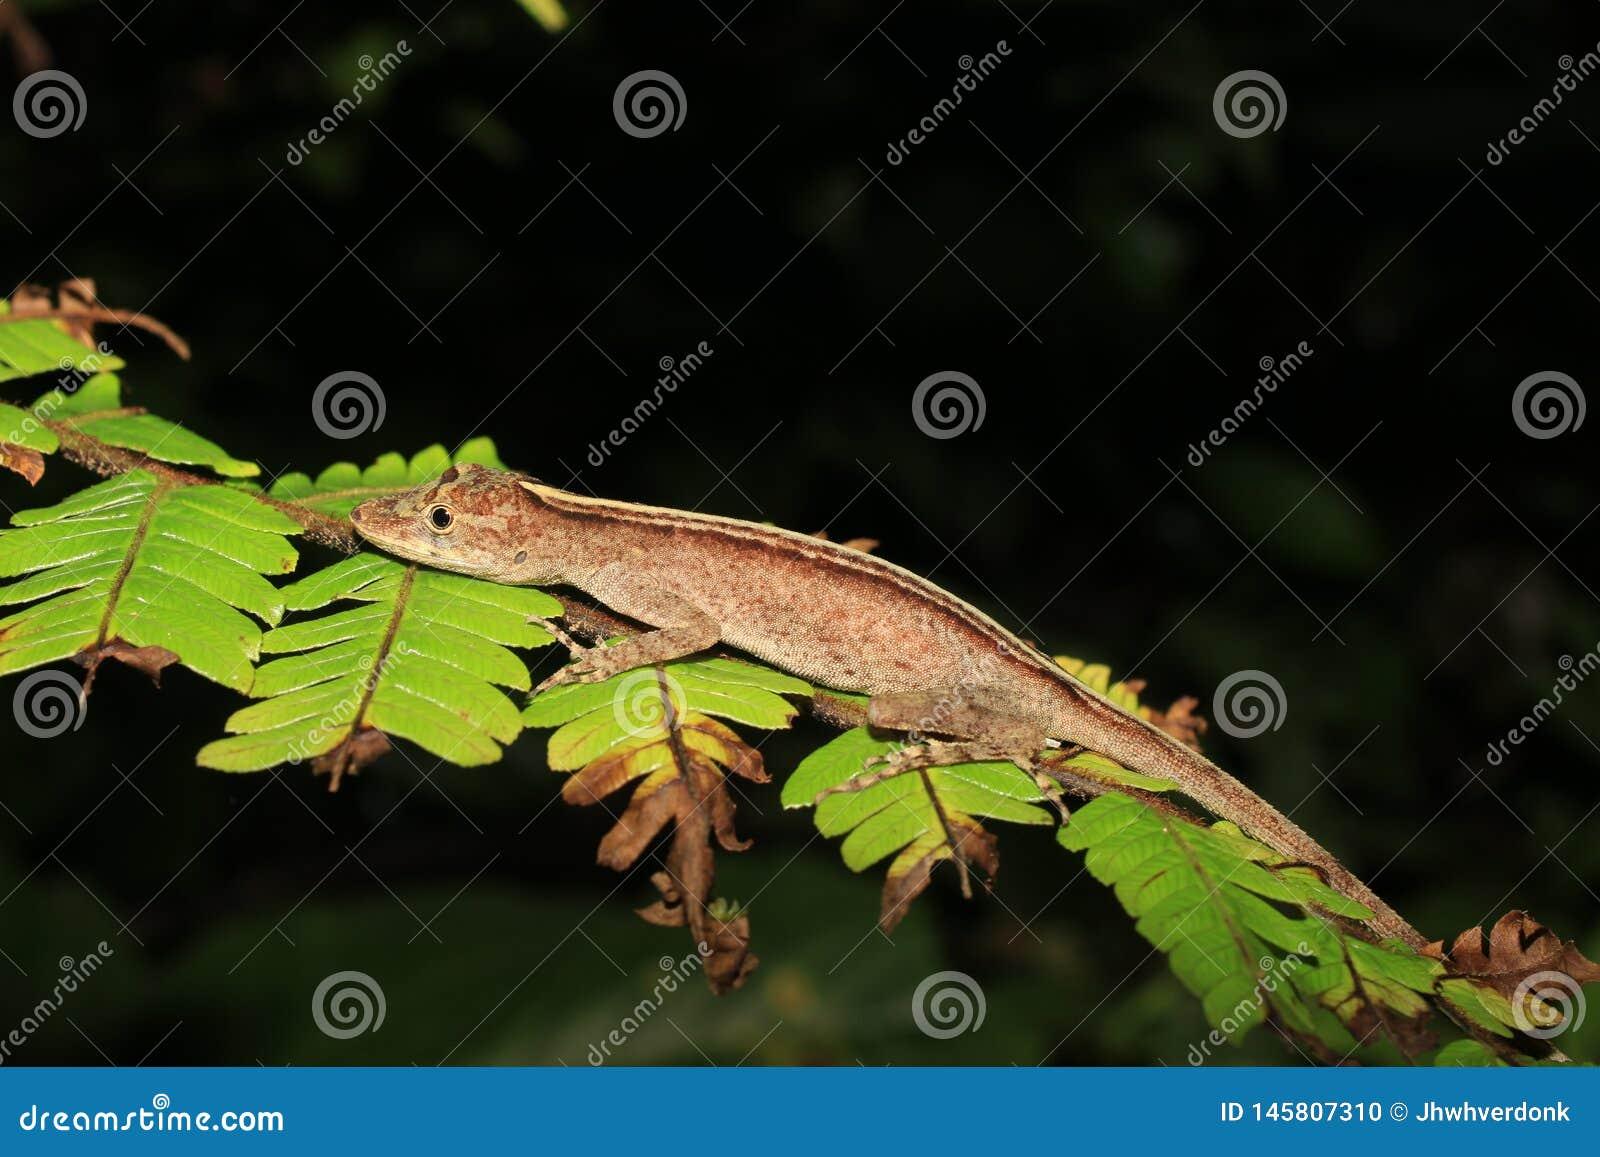 Specie di anolis che dormono in lasciare nella foresta pluviale dell Ecuador, Sudamerica